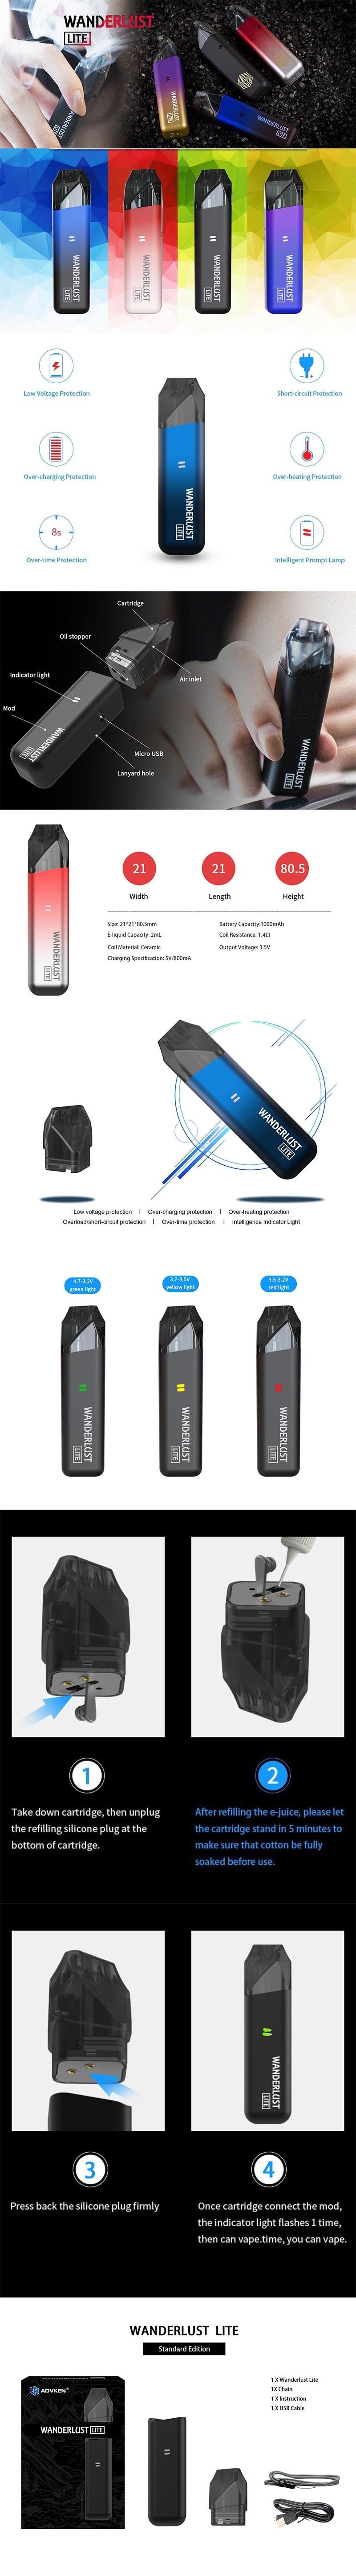 Advken Wanderlust Lite 1000mAh Pod System Starter Kit